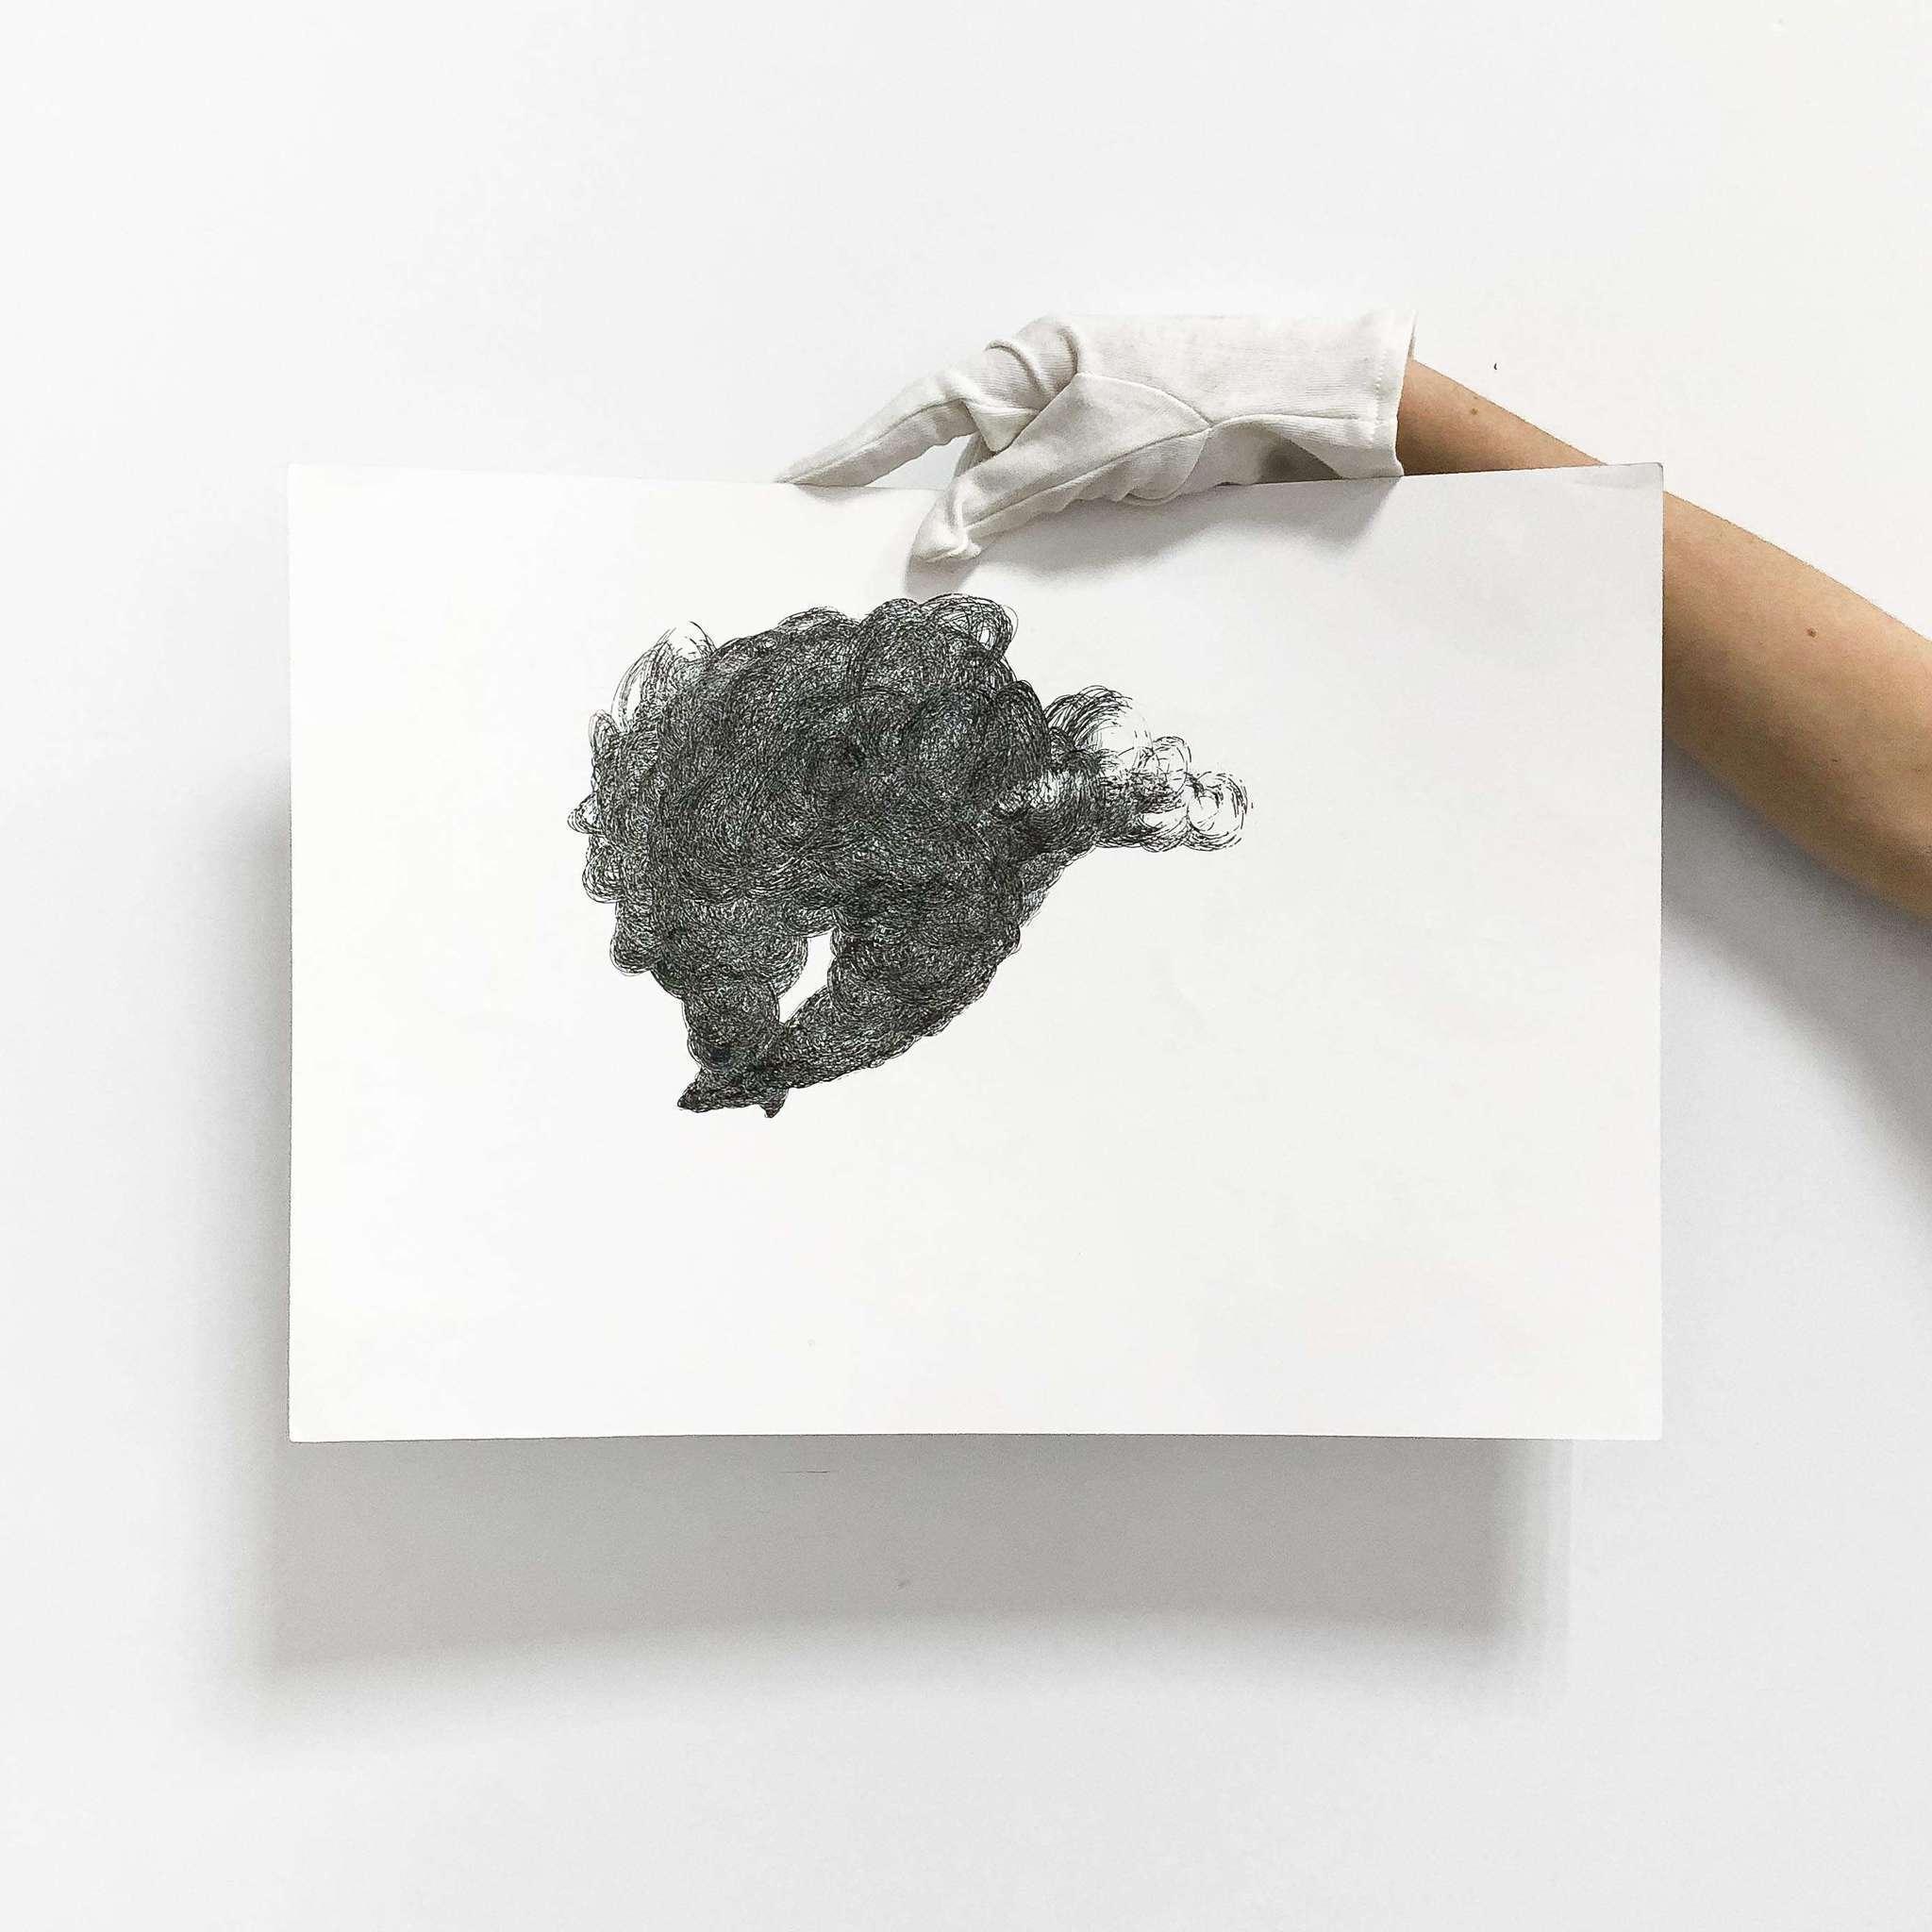 by Irina Petrakova